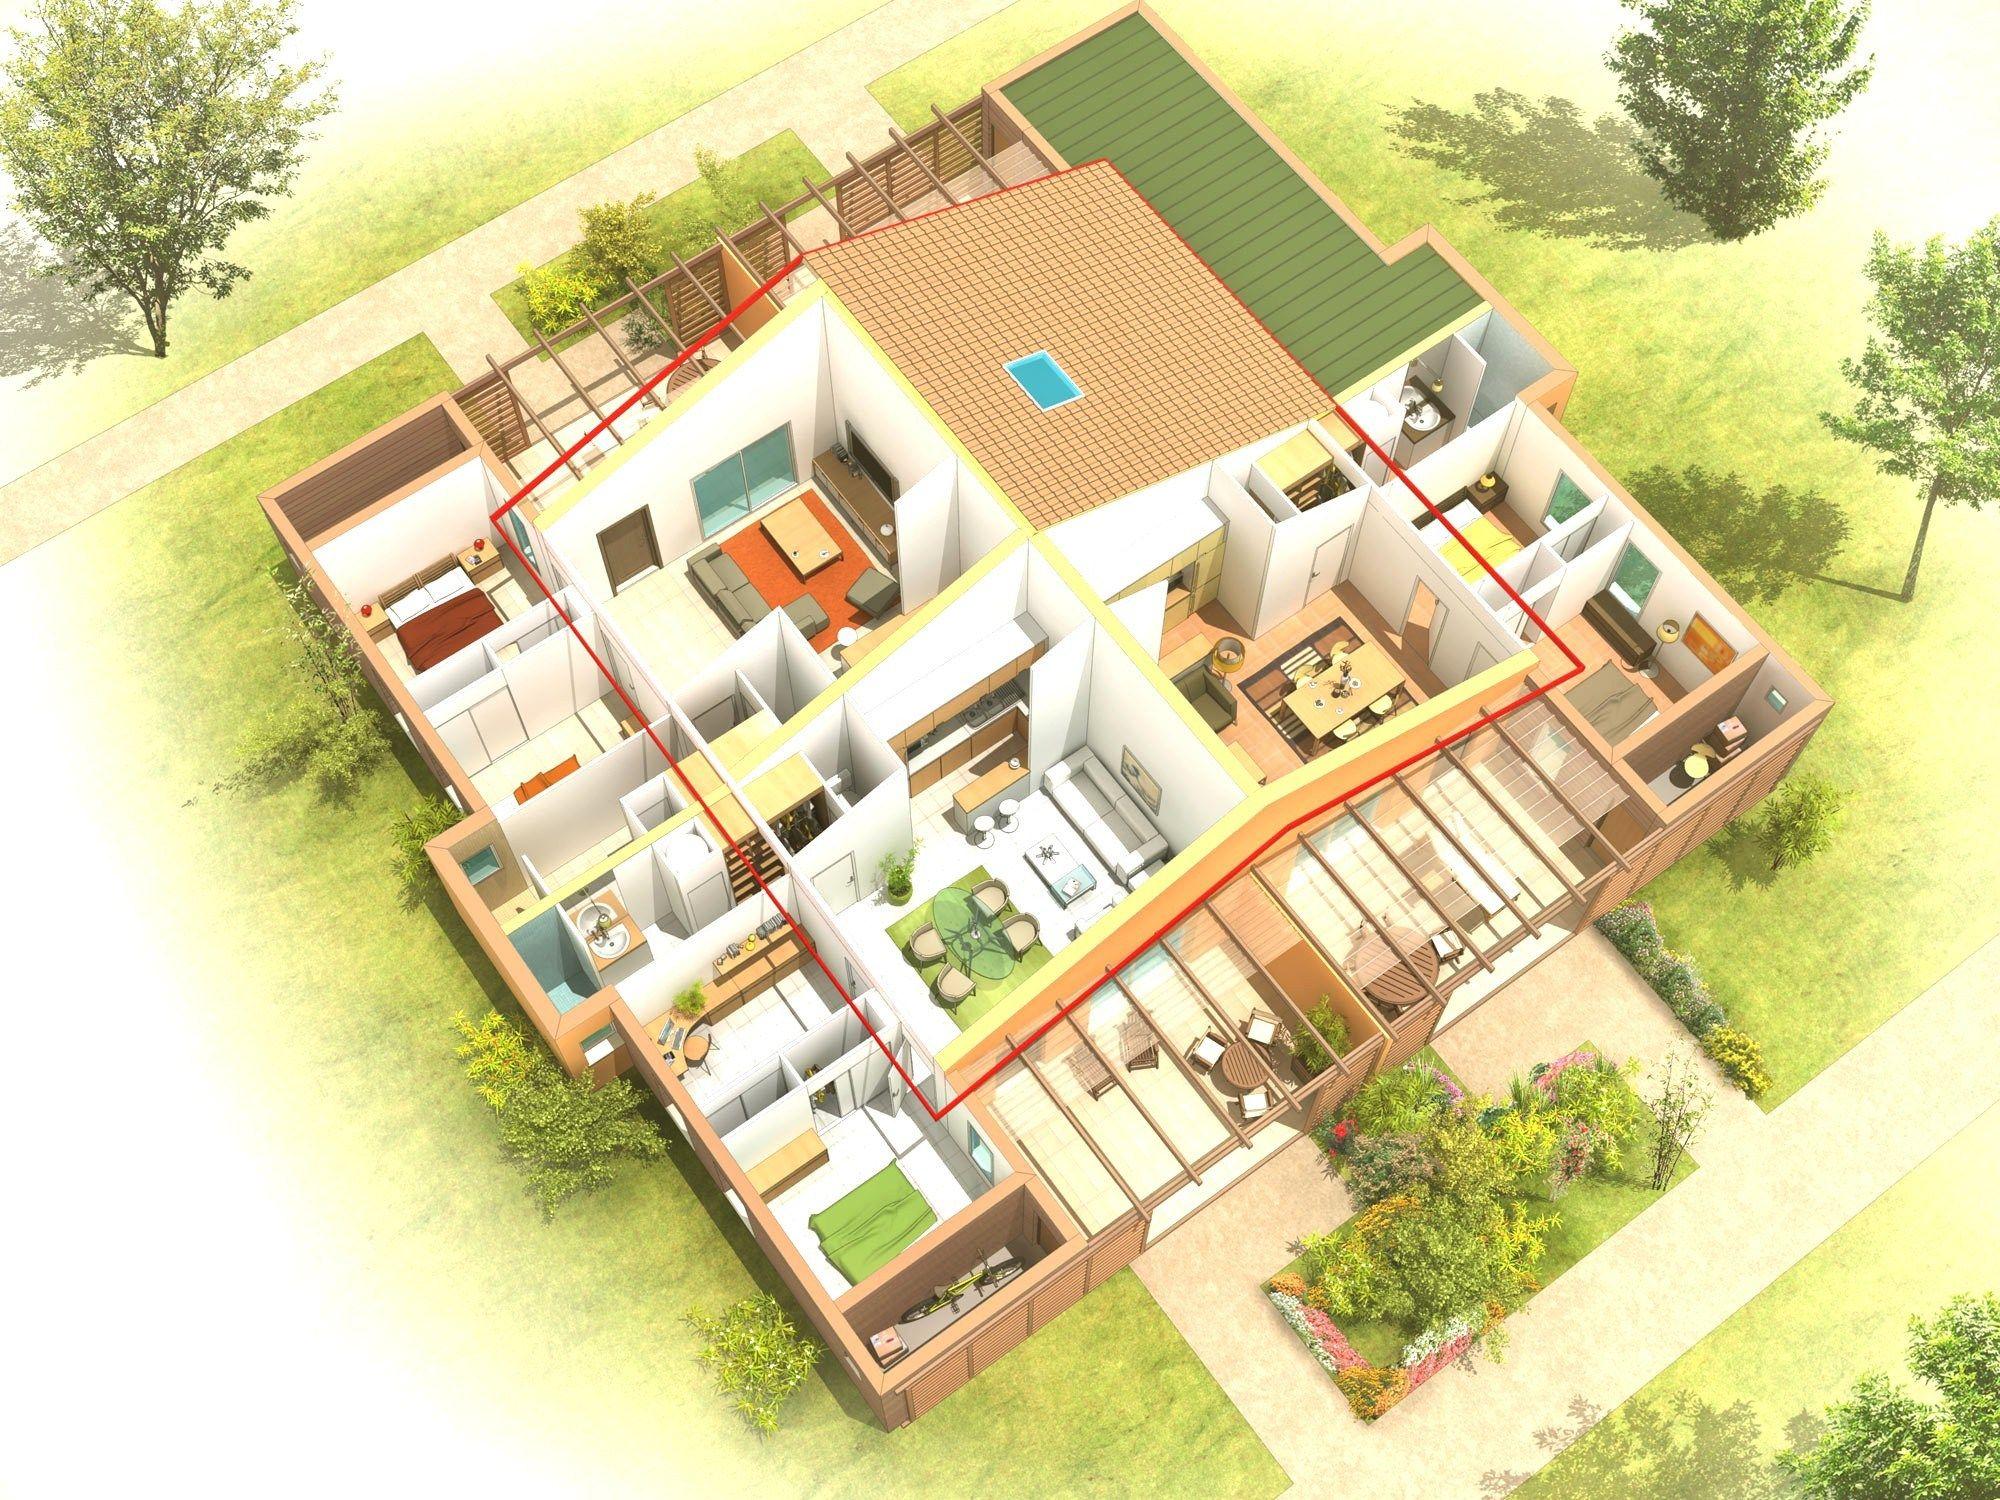 35 Architecte Plan Maison Prix Plan De La Maison Plans De Maison De Luxe Plan Maison Plan De Maison Gratuit